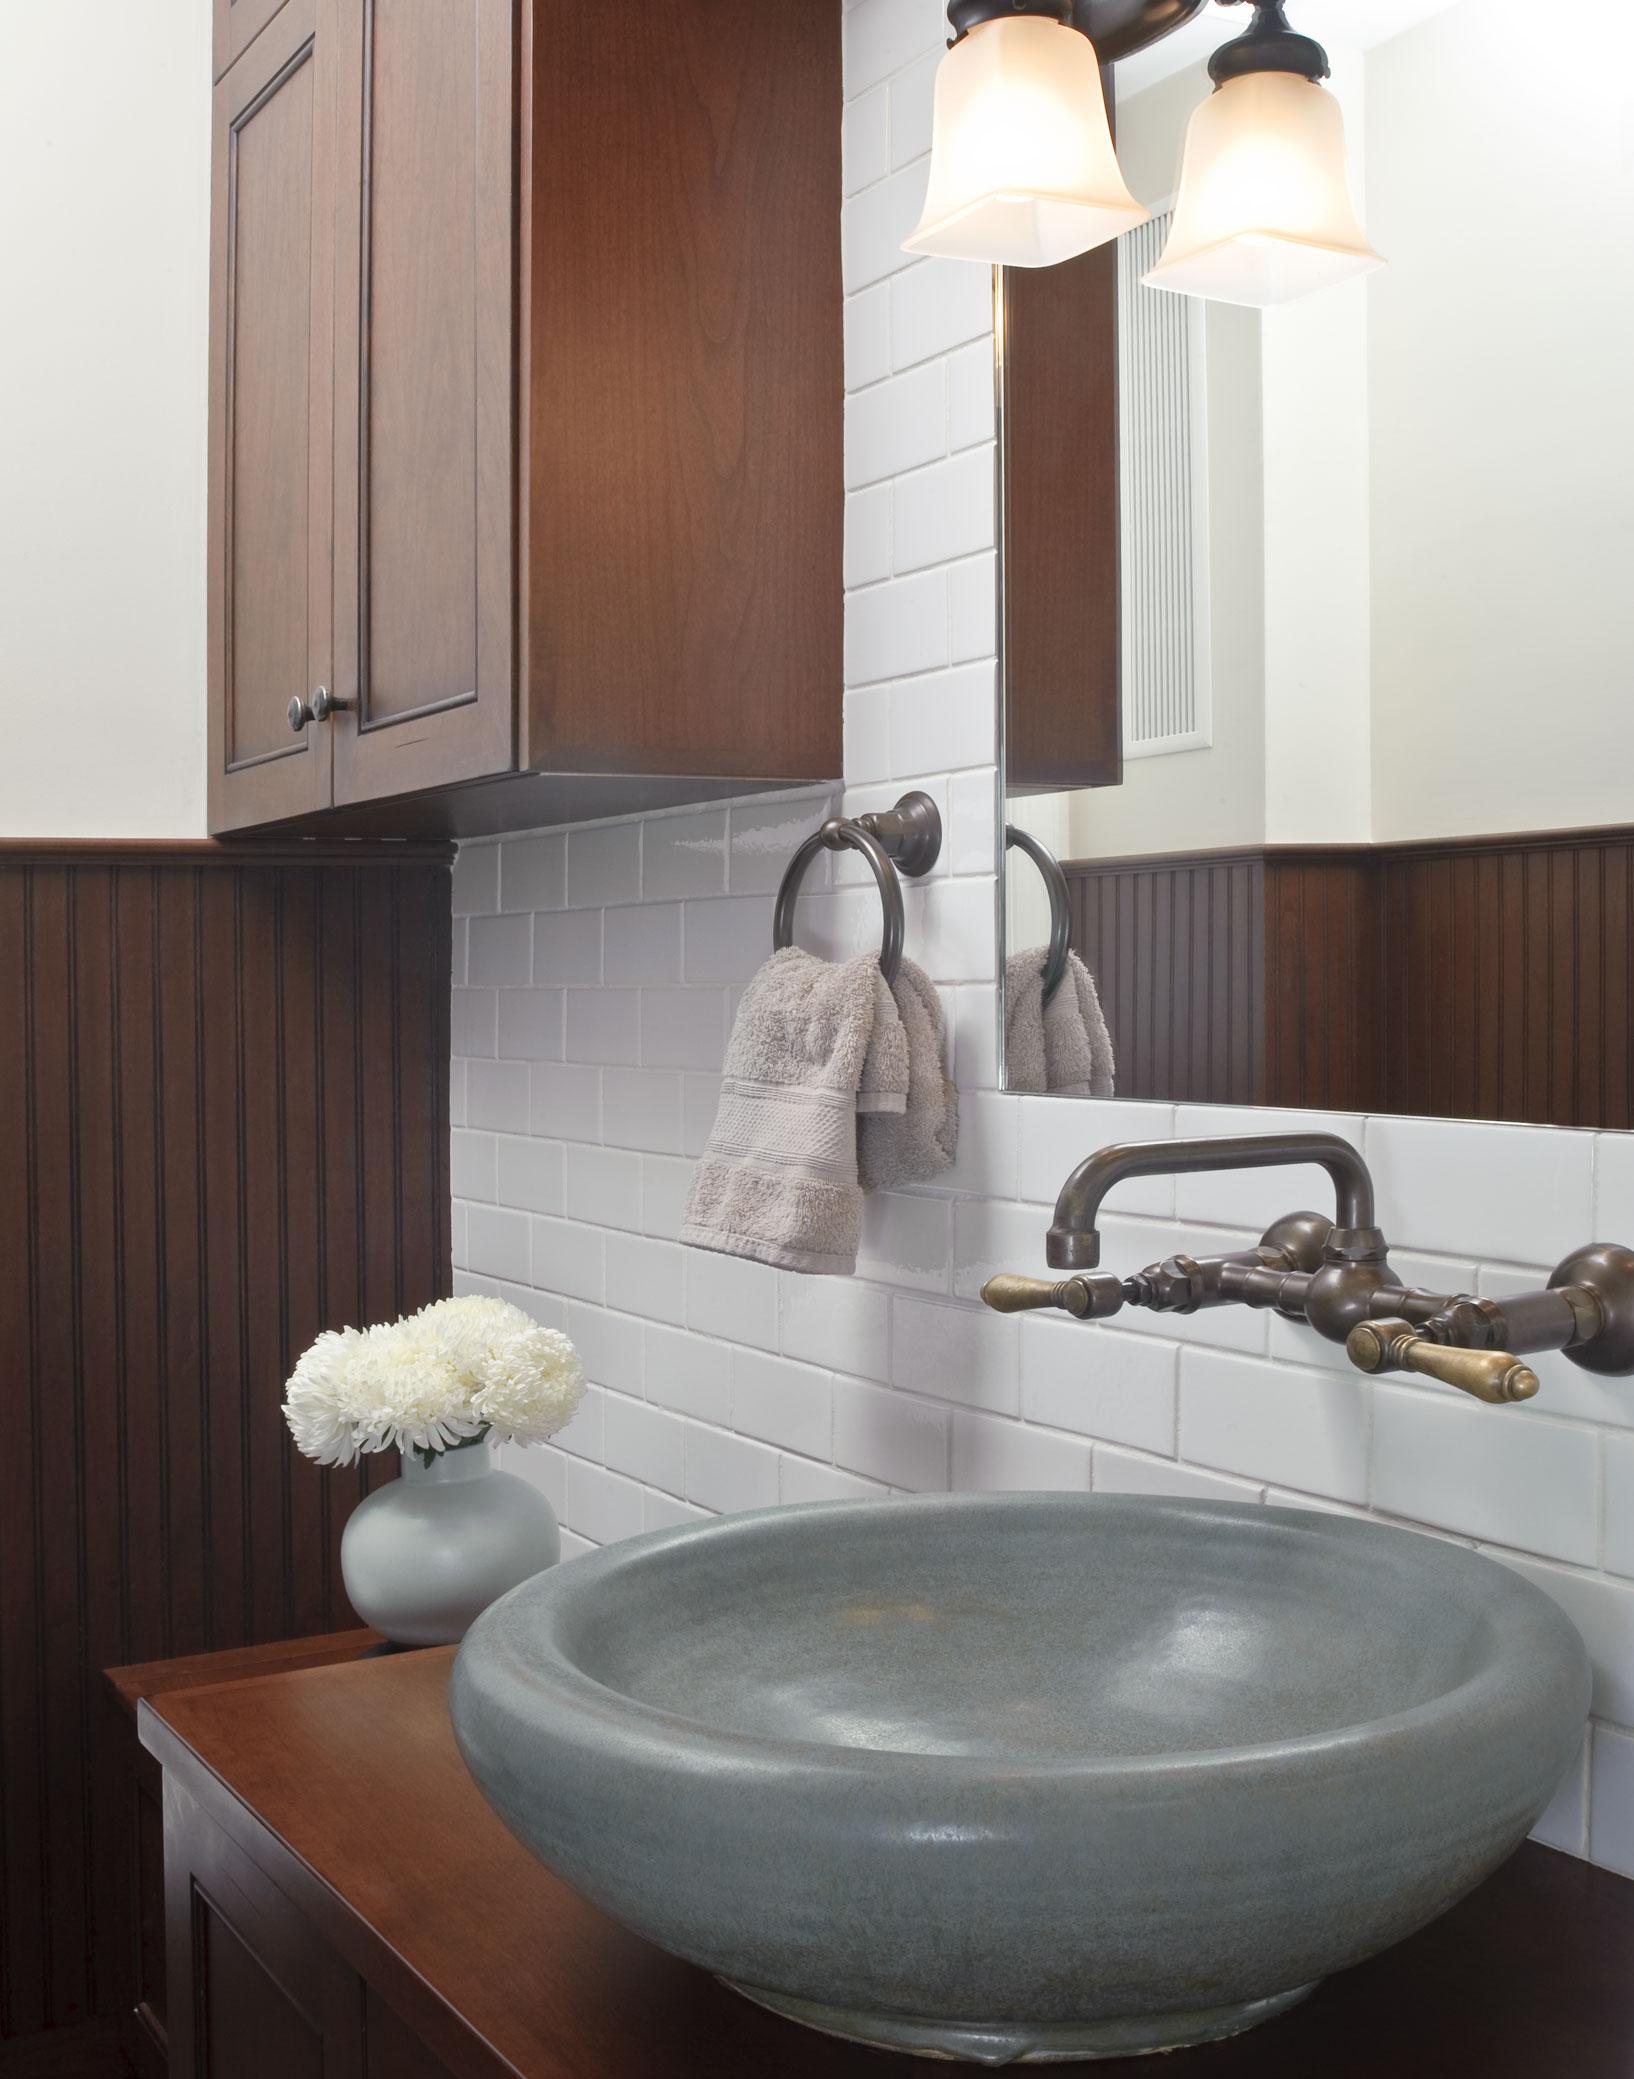 Bathroom08a.jpg